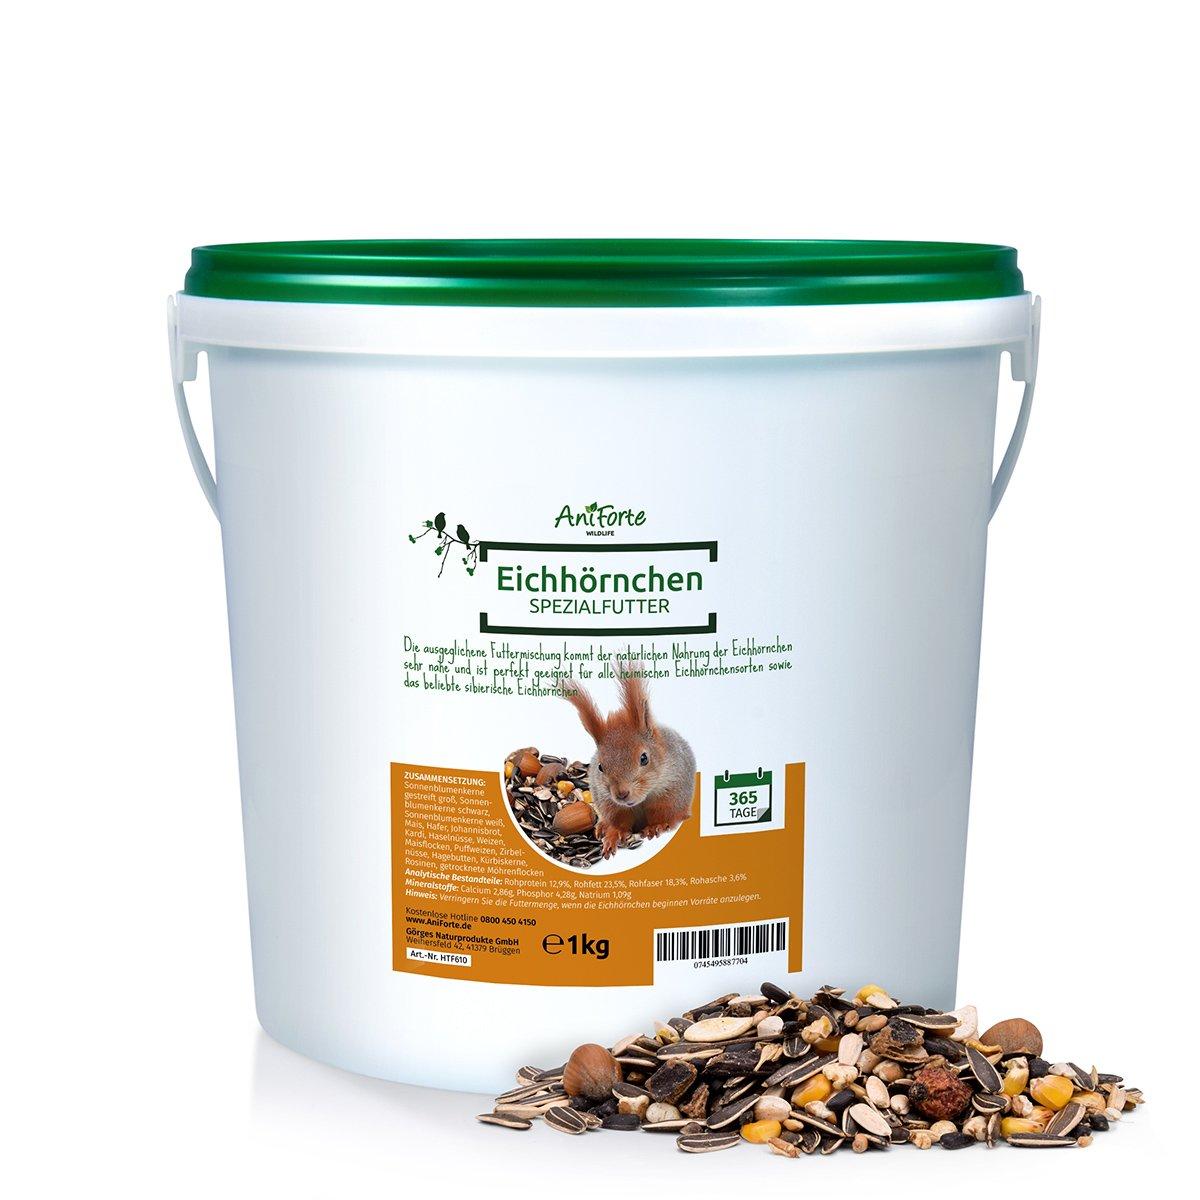 AniForte Wildlife Premium Eichhörnchenfutter 1 kg für Eichhörnchen und Streifenhörnchen - Naturprodukt Mischung, Besondere und artgerechte Eichhörnchen Fütterung - Unsere Spezial Futtermischung Görges Naturprodukte GmbH